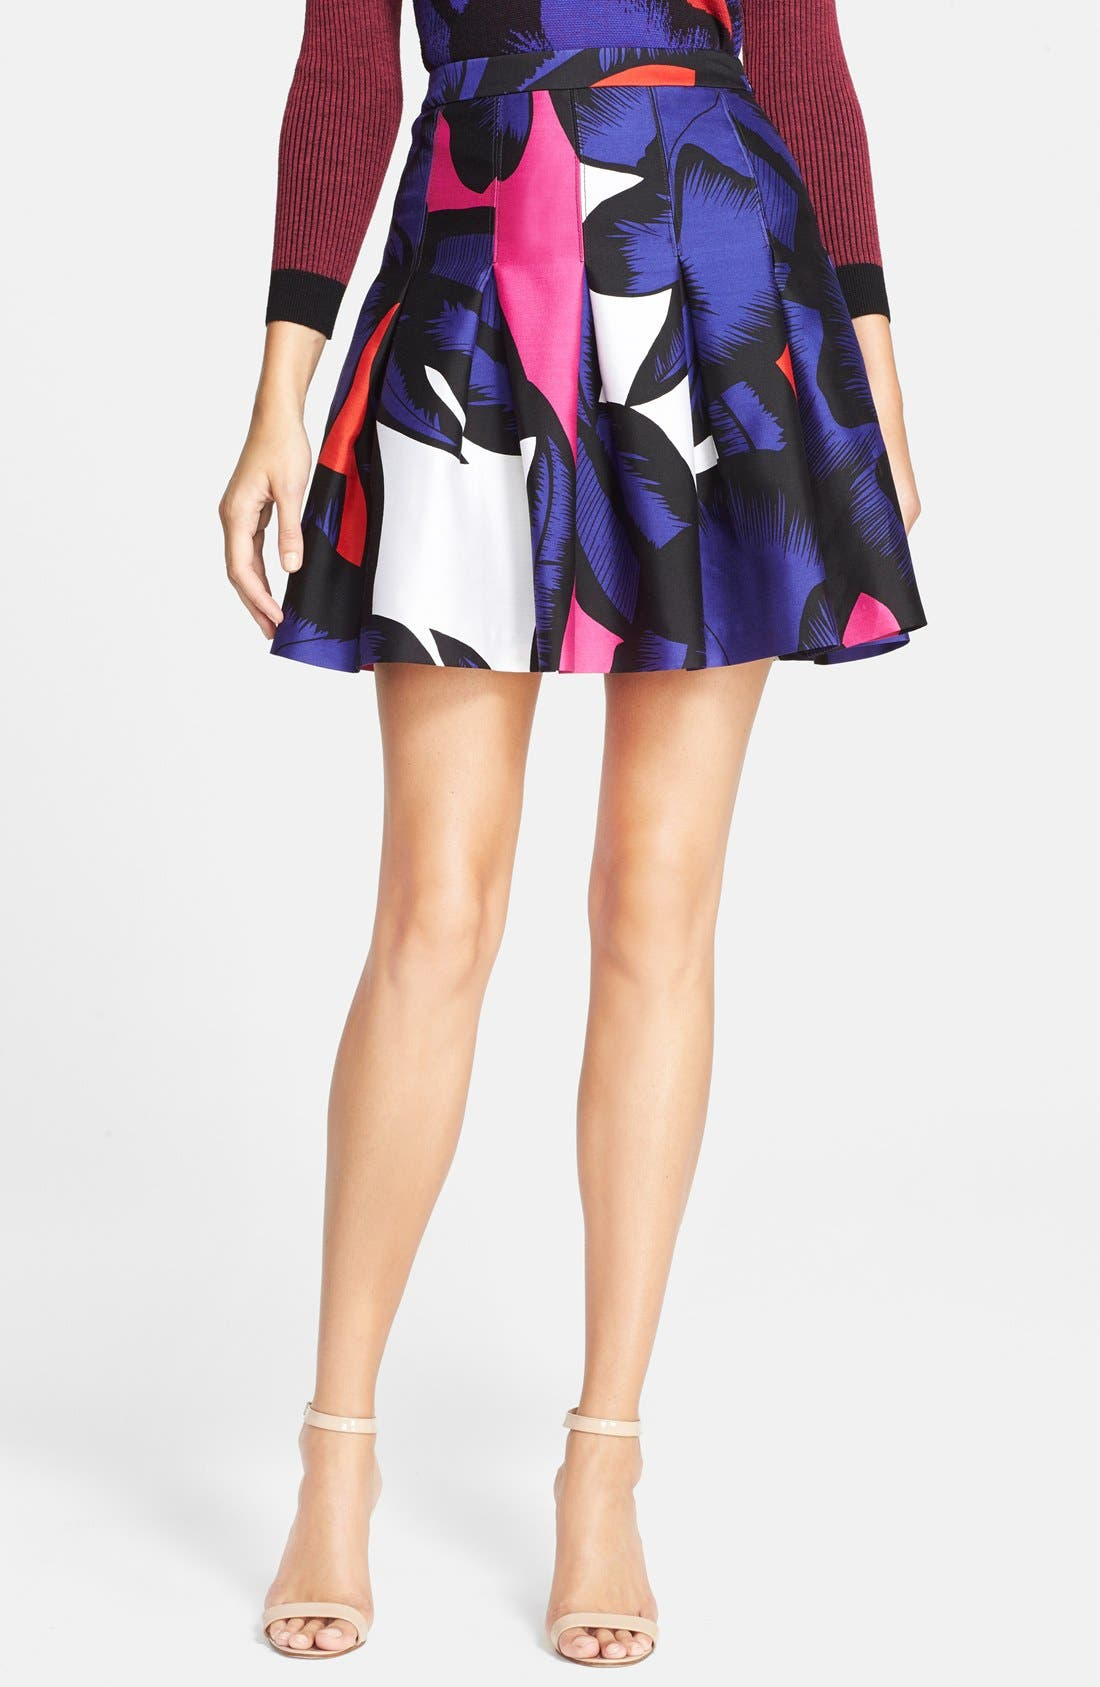 DIANE VON FURSTENBERG 'Gemma' Print Pleated Skirt, Main, color, 500